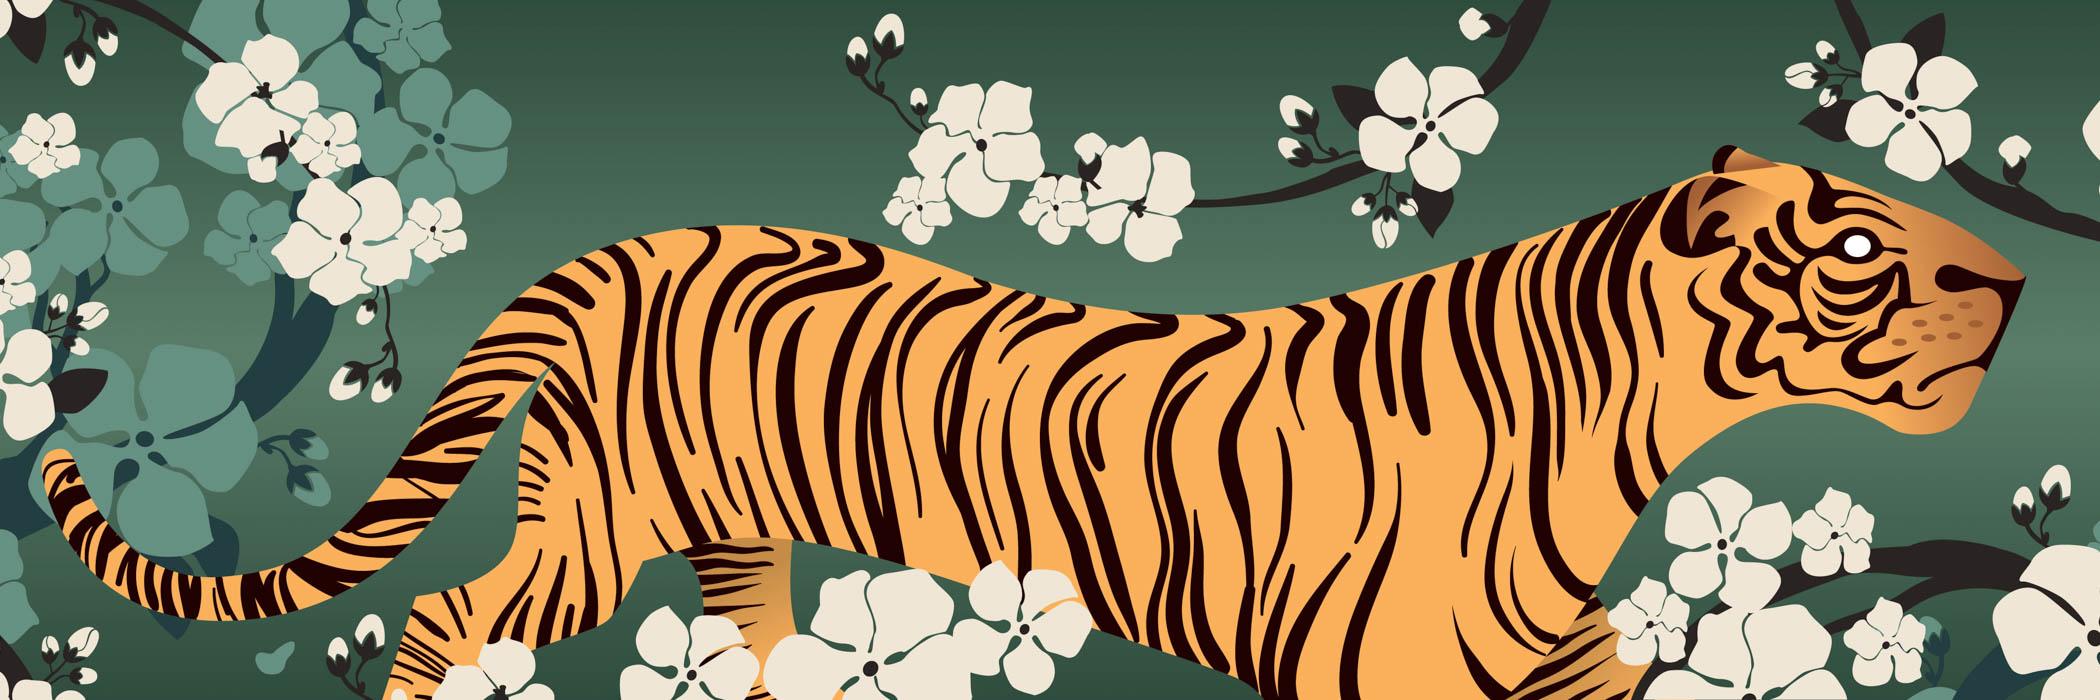 TigerZen